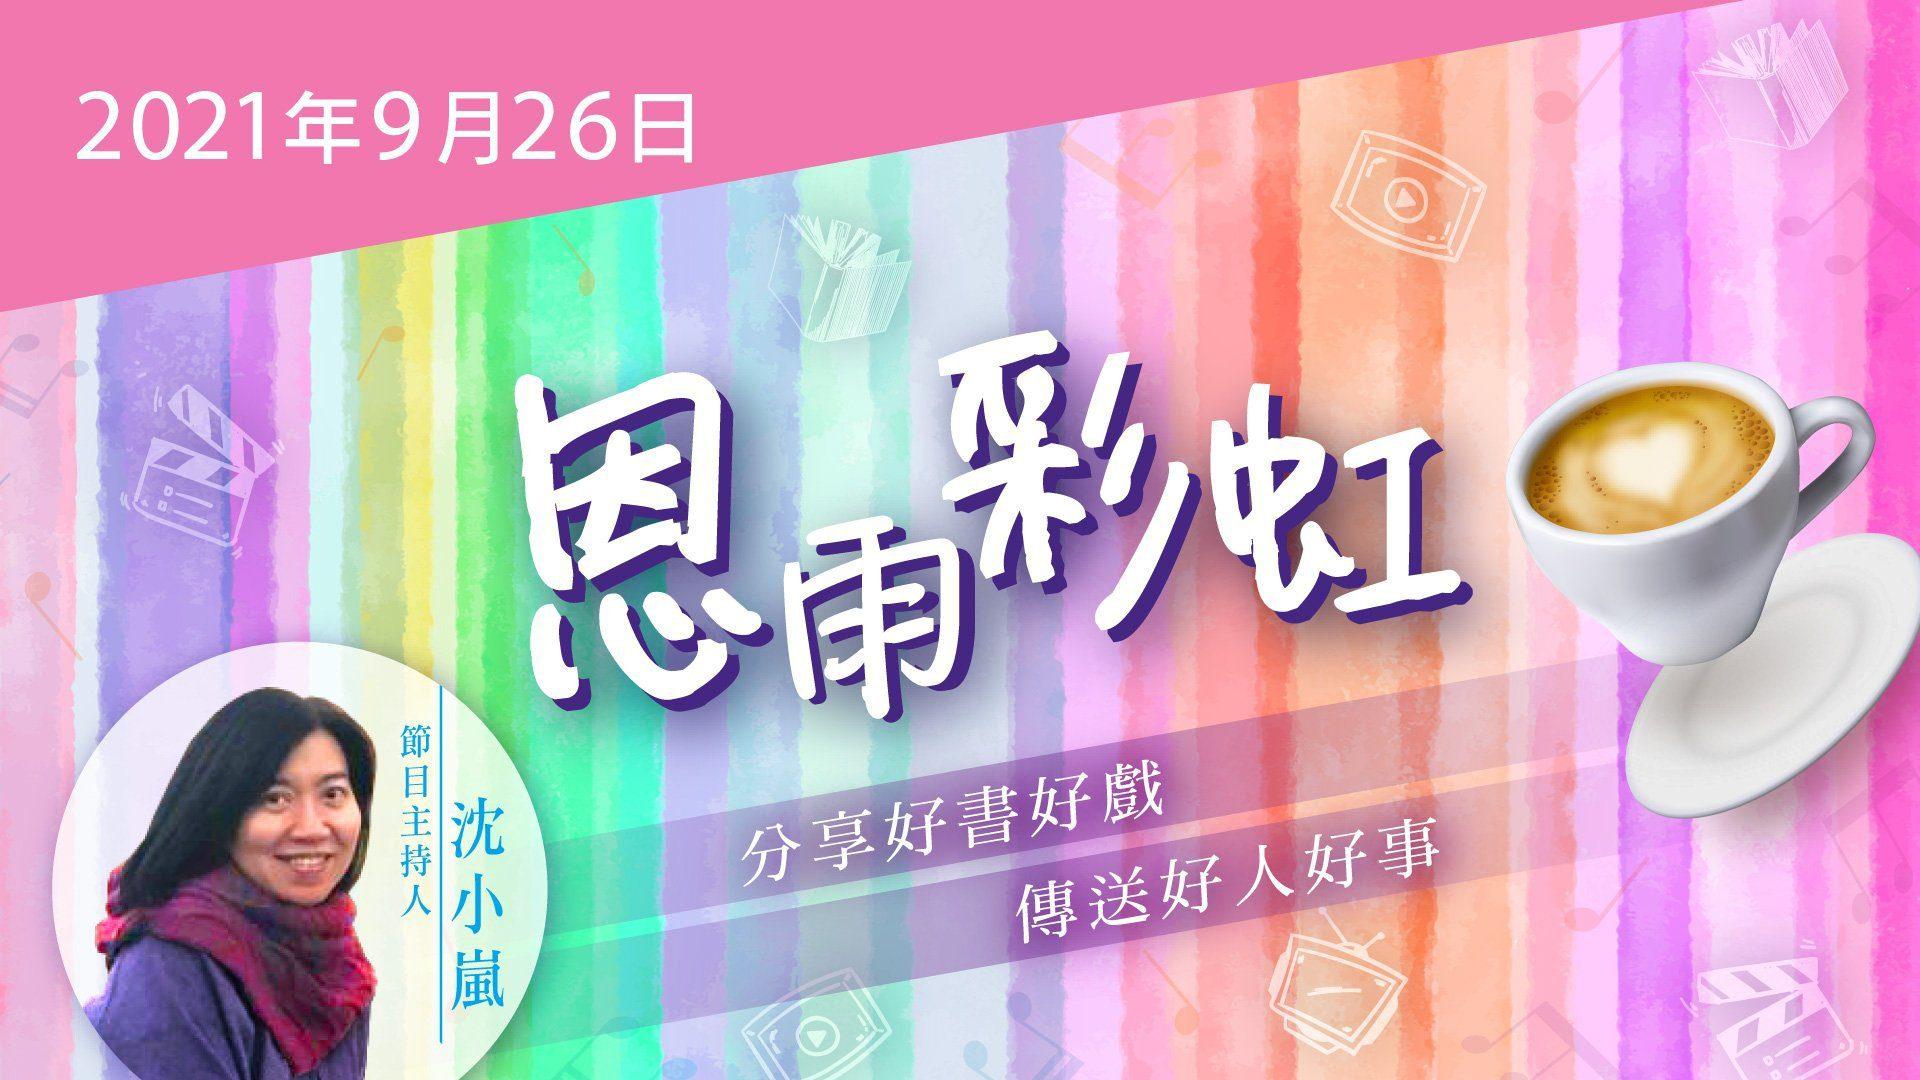 電台 恩雨彩虹 國語 (2021SEP26)